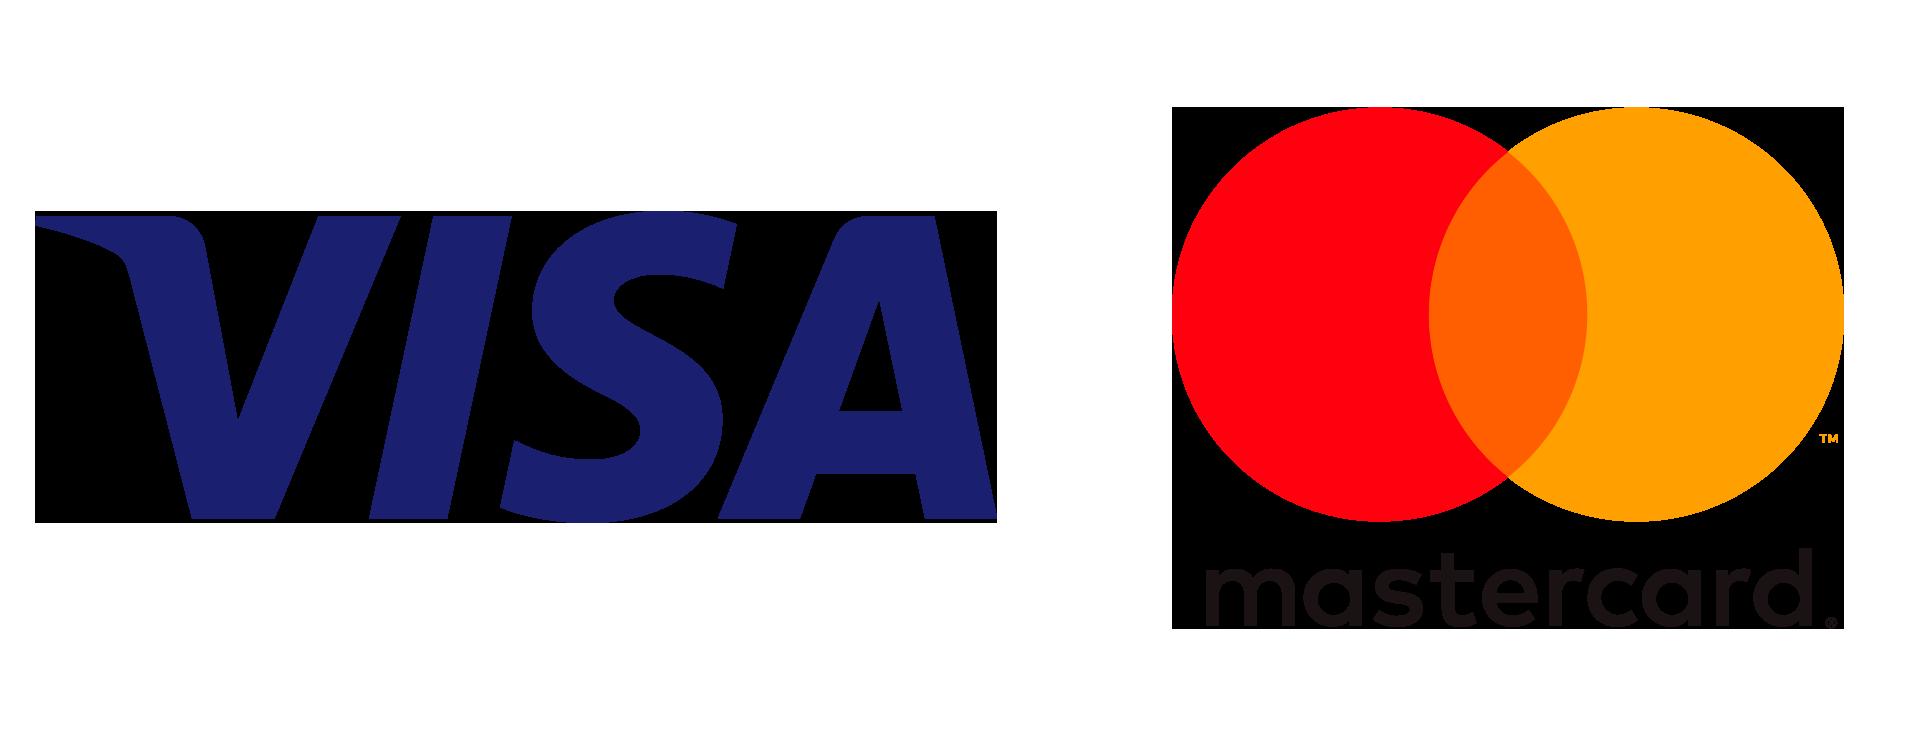 Casino con Mastercad y Visa